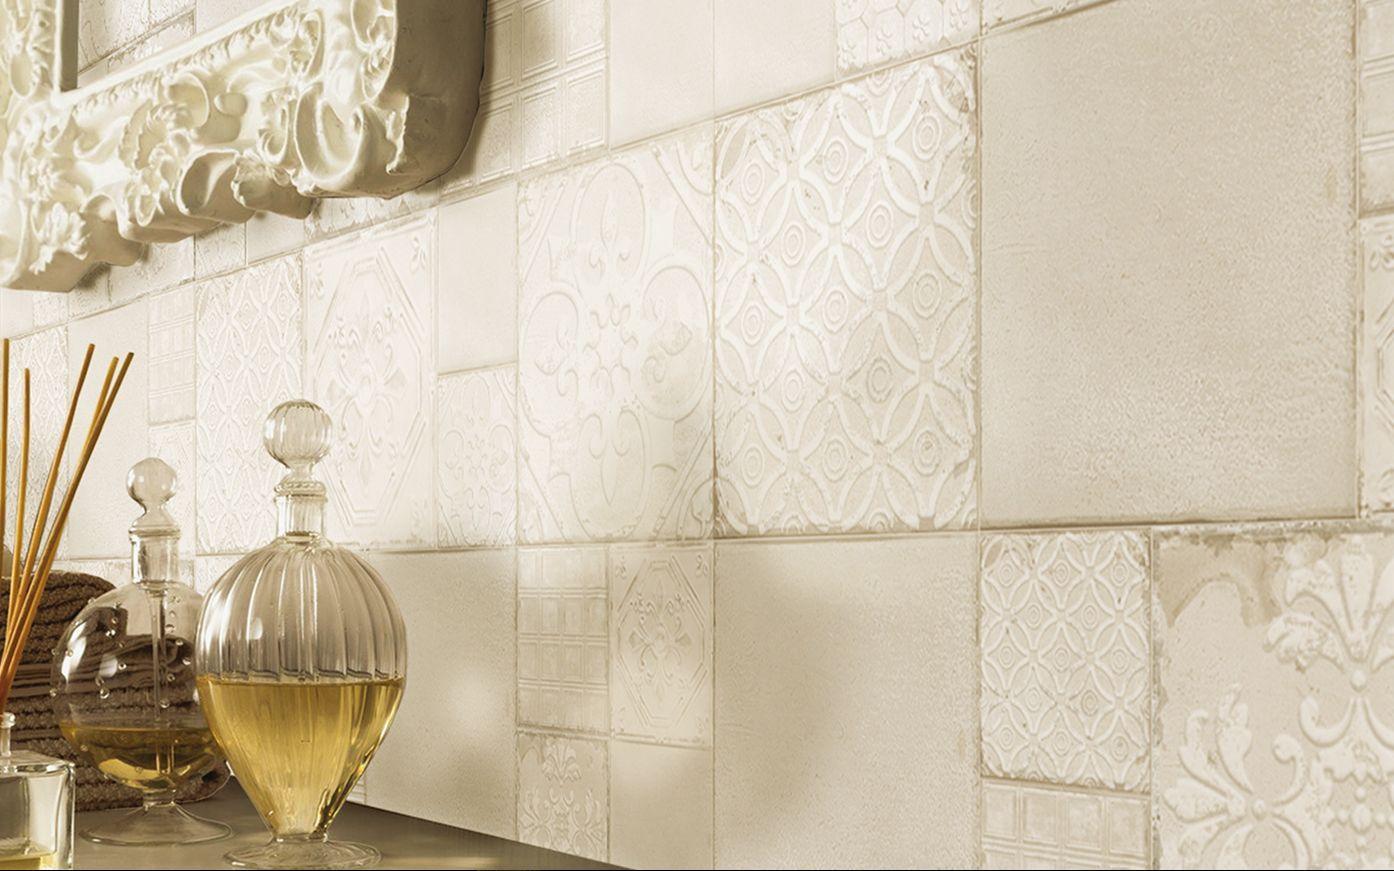 Cir riabita manifatture cir ceramiche série riabita il cotto